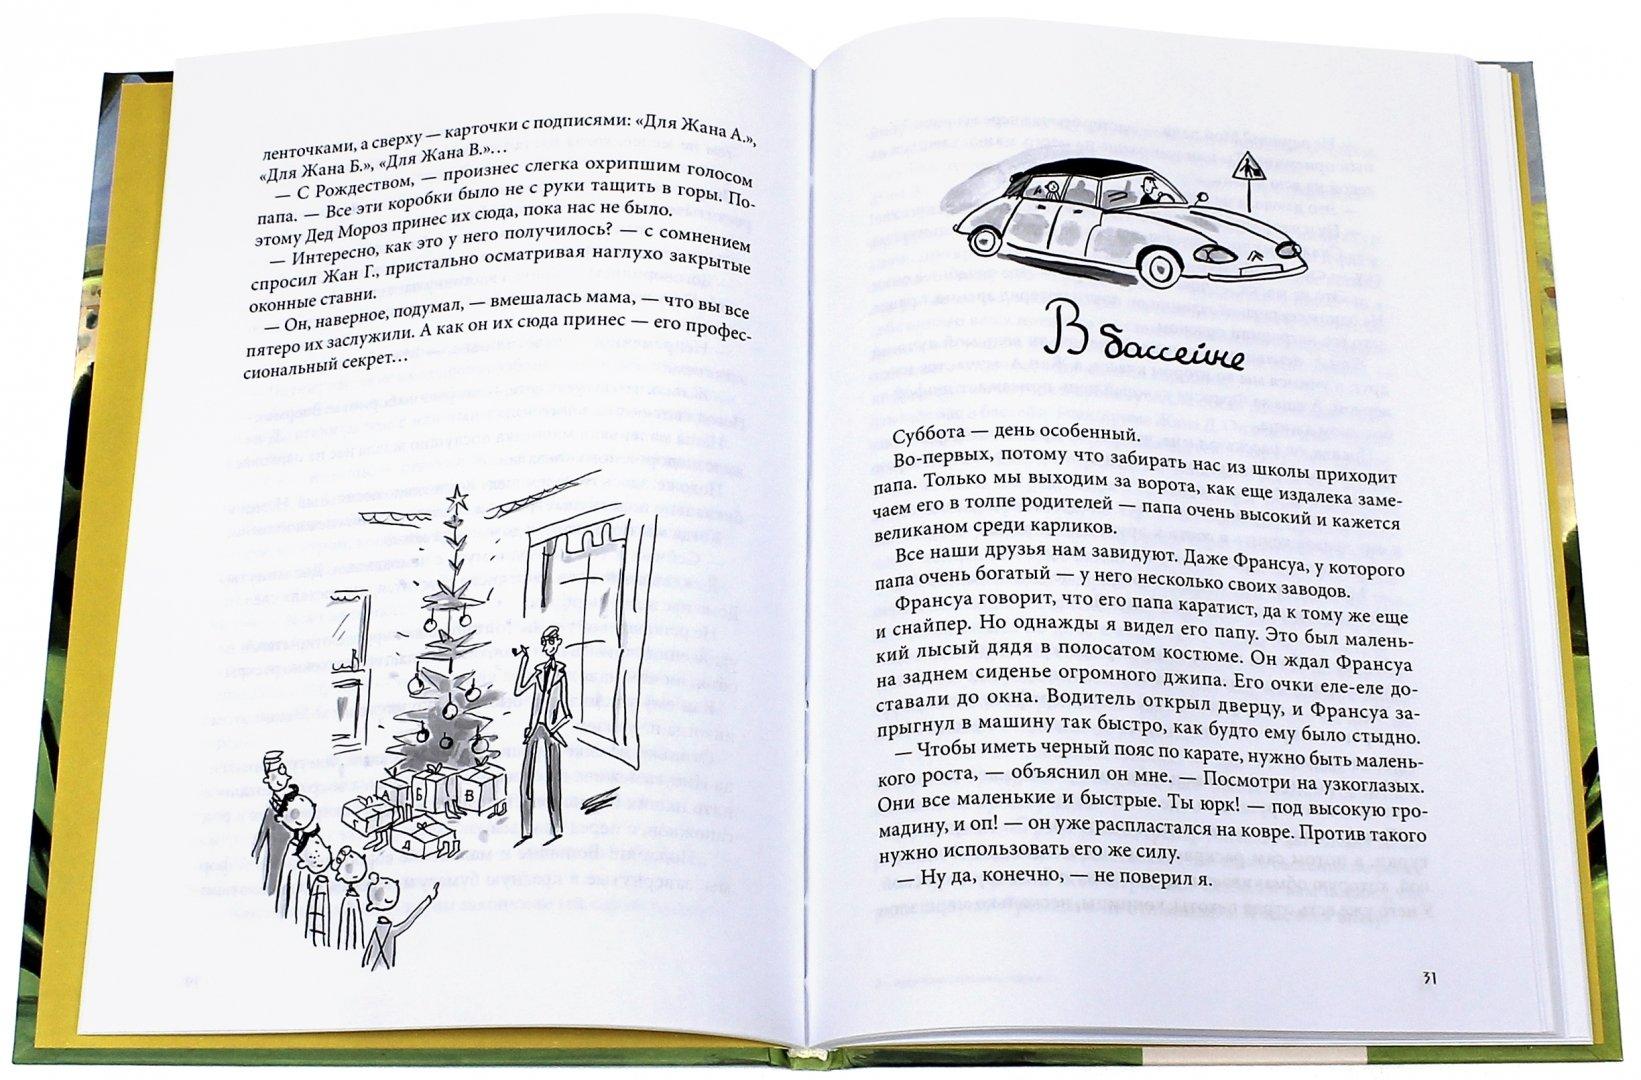 Иллюстрация 1 из 48 для Омлет с сахаром. Приключения семейки из Шербура - Жан-Филипп Арру-Виньо | Лабиринт - книги. Источник: Лабиринт